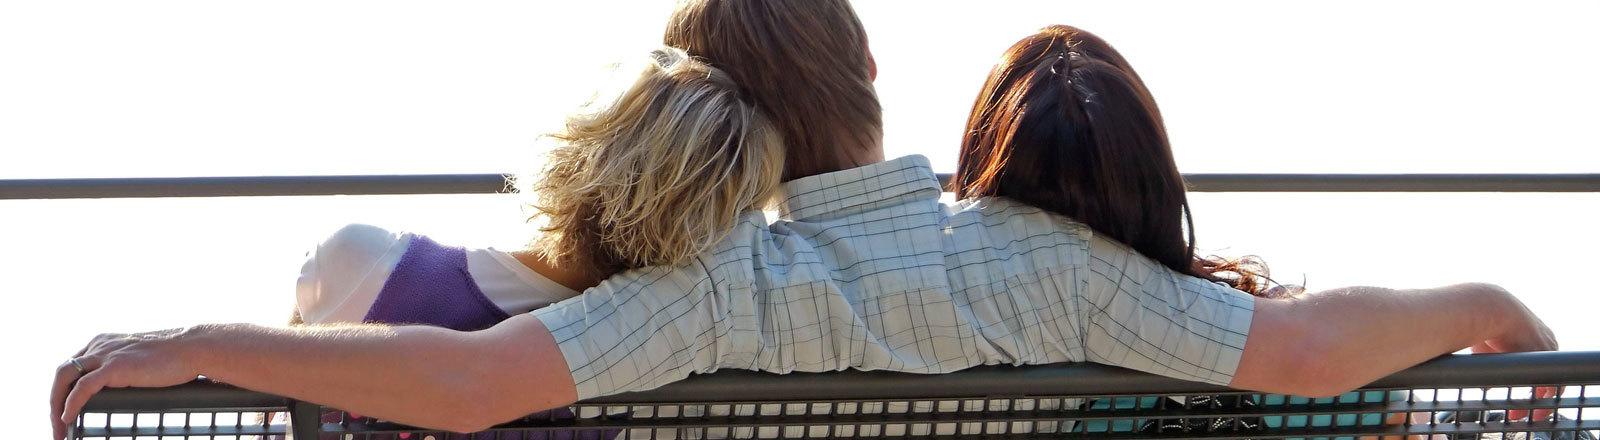 Ein Mann und zwei Frauen sitzen auf einer Bank